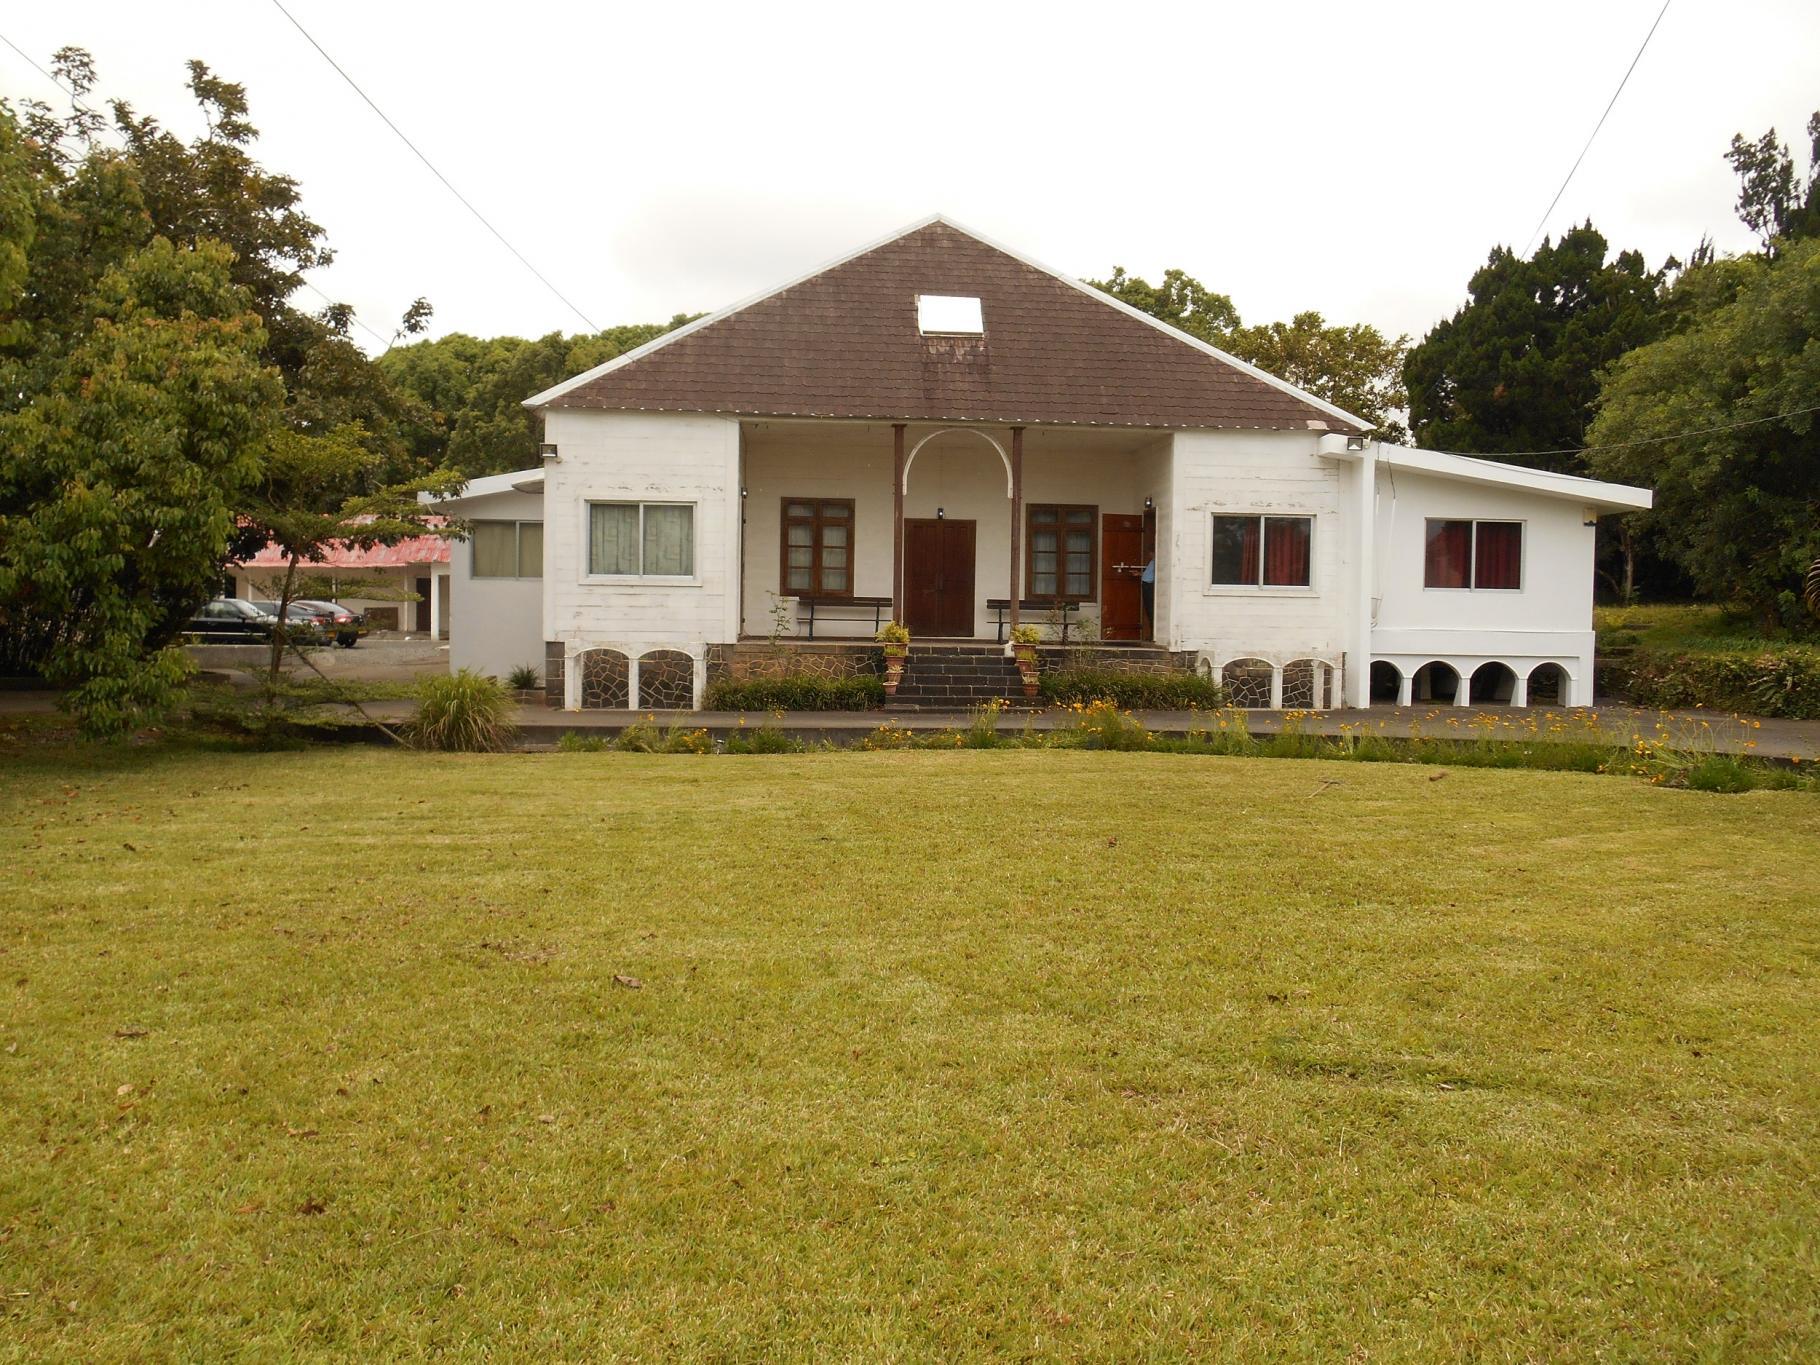 A vendre – Vieille maison à rafraîchir se situe sur un magnifique terrain de 1 arpent 60 dans un quartier résidentiel de Vacoas.